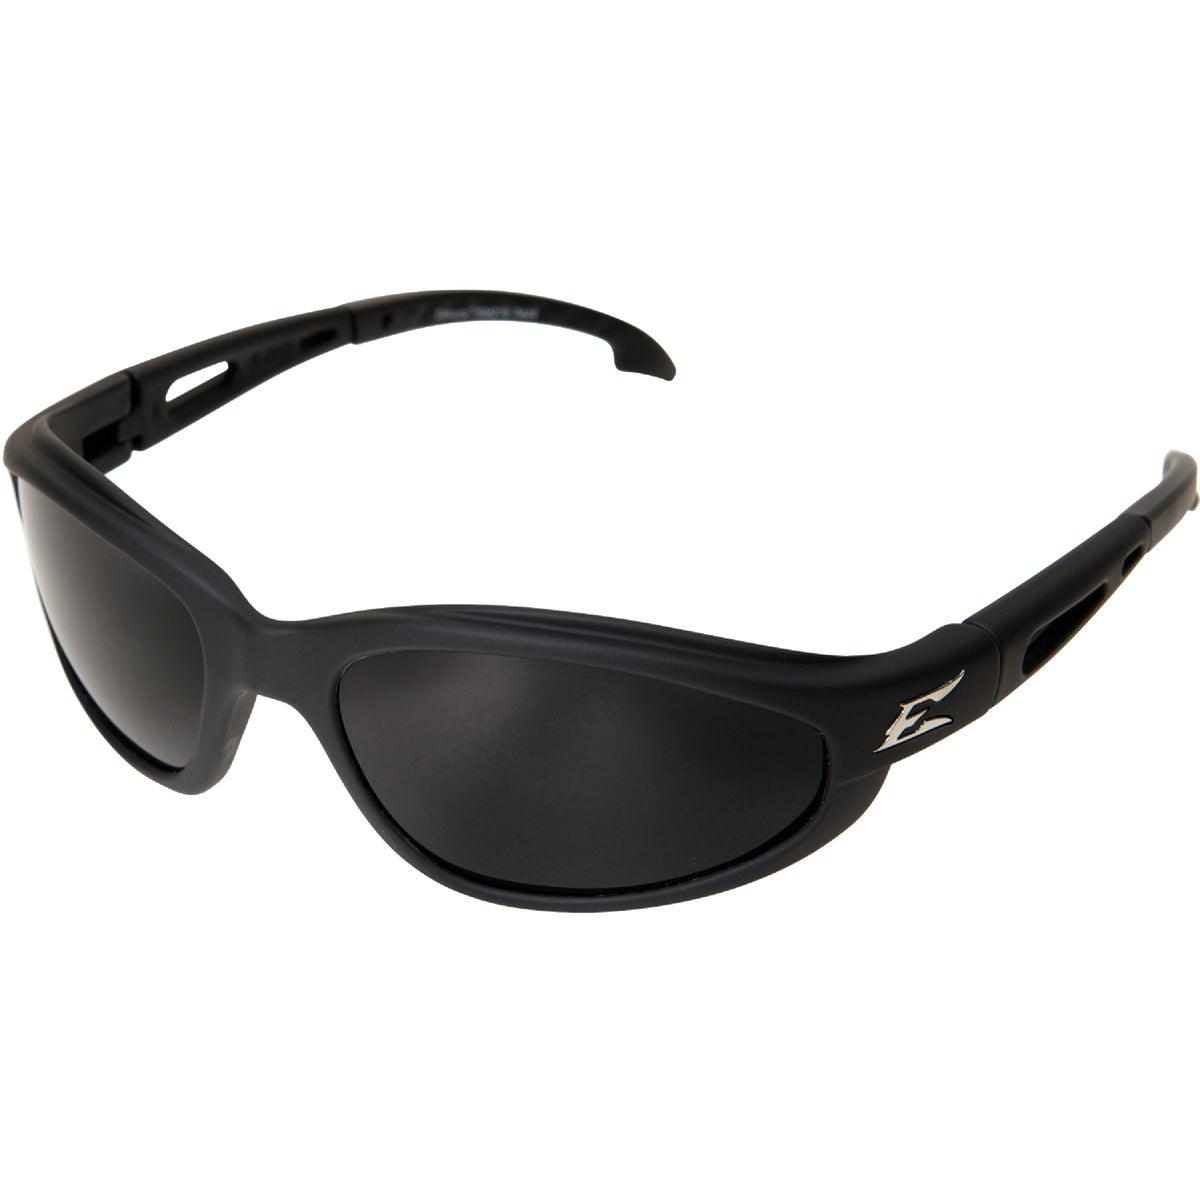 DAKURA POLBLK/SMK LENS - TSM216 by Edge Eyewear